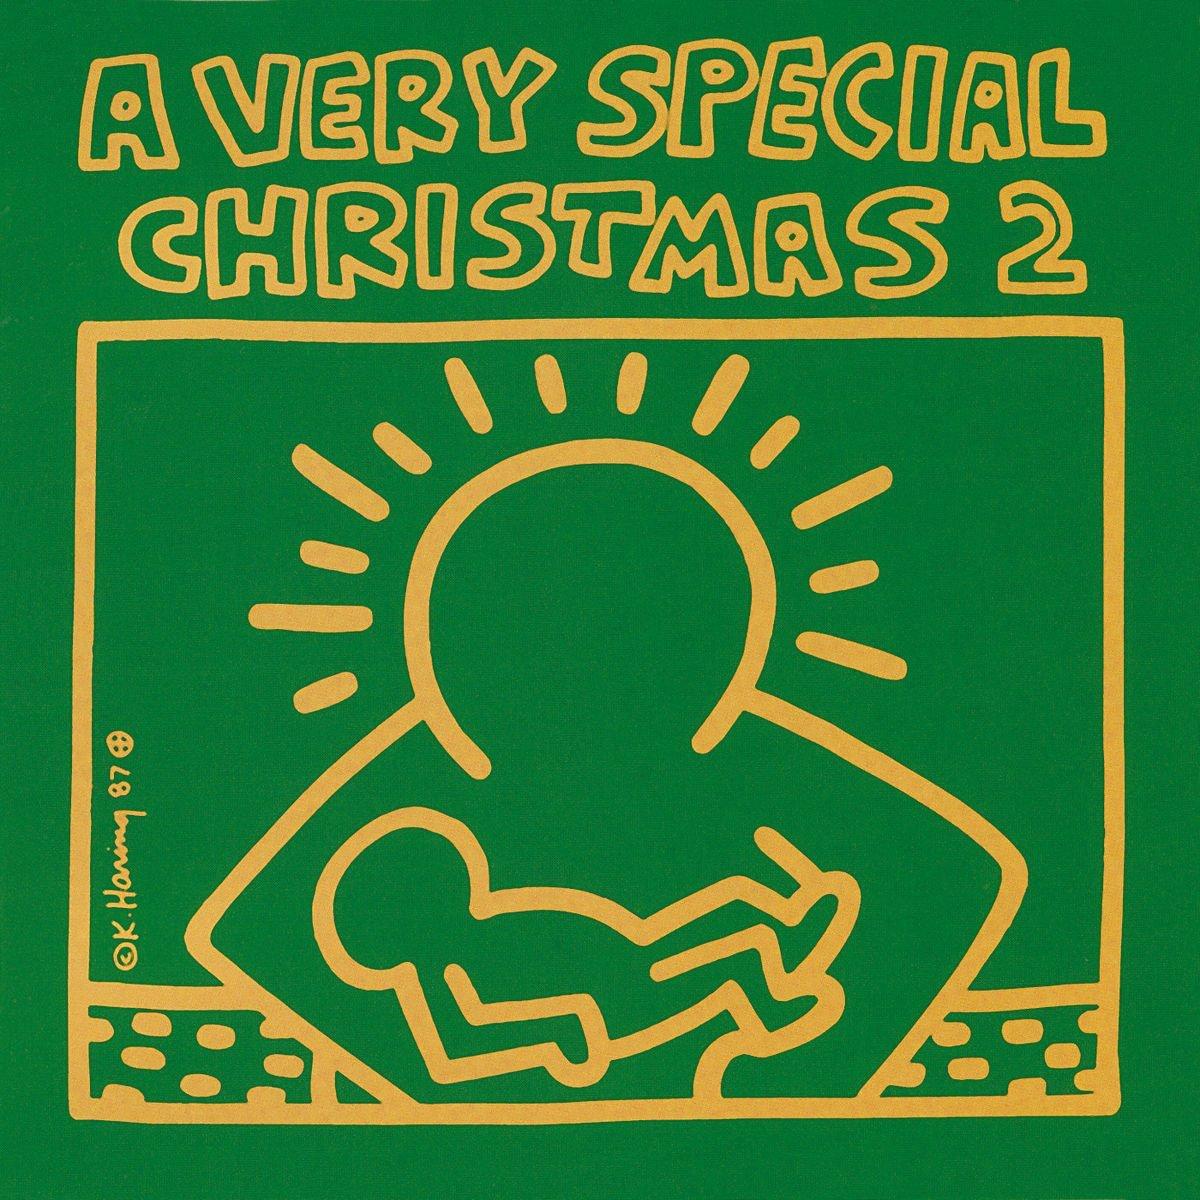 Very Special Christmas 2.jpg